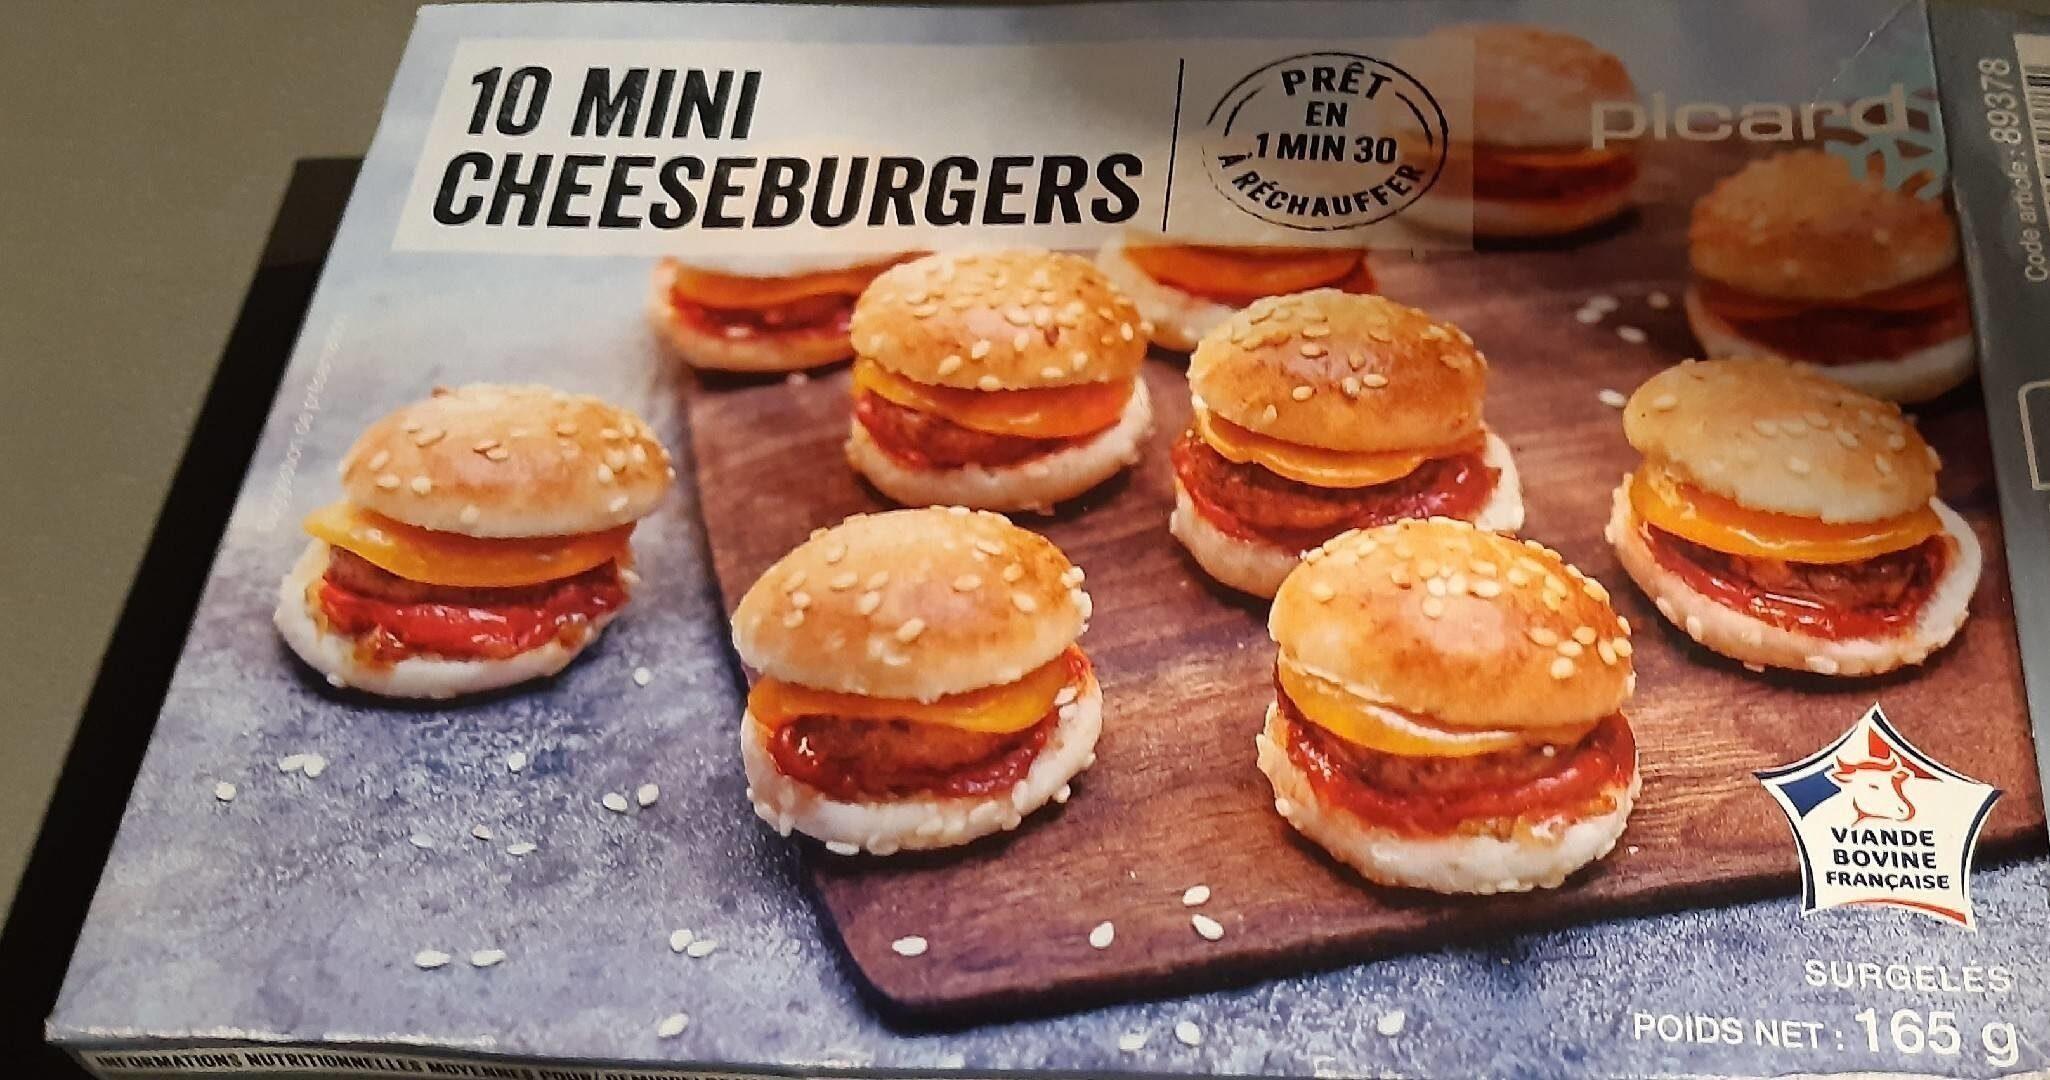 10 Mini cheeseburgers - Product - fr